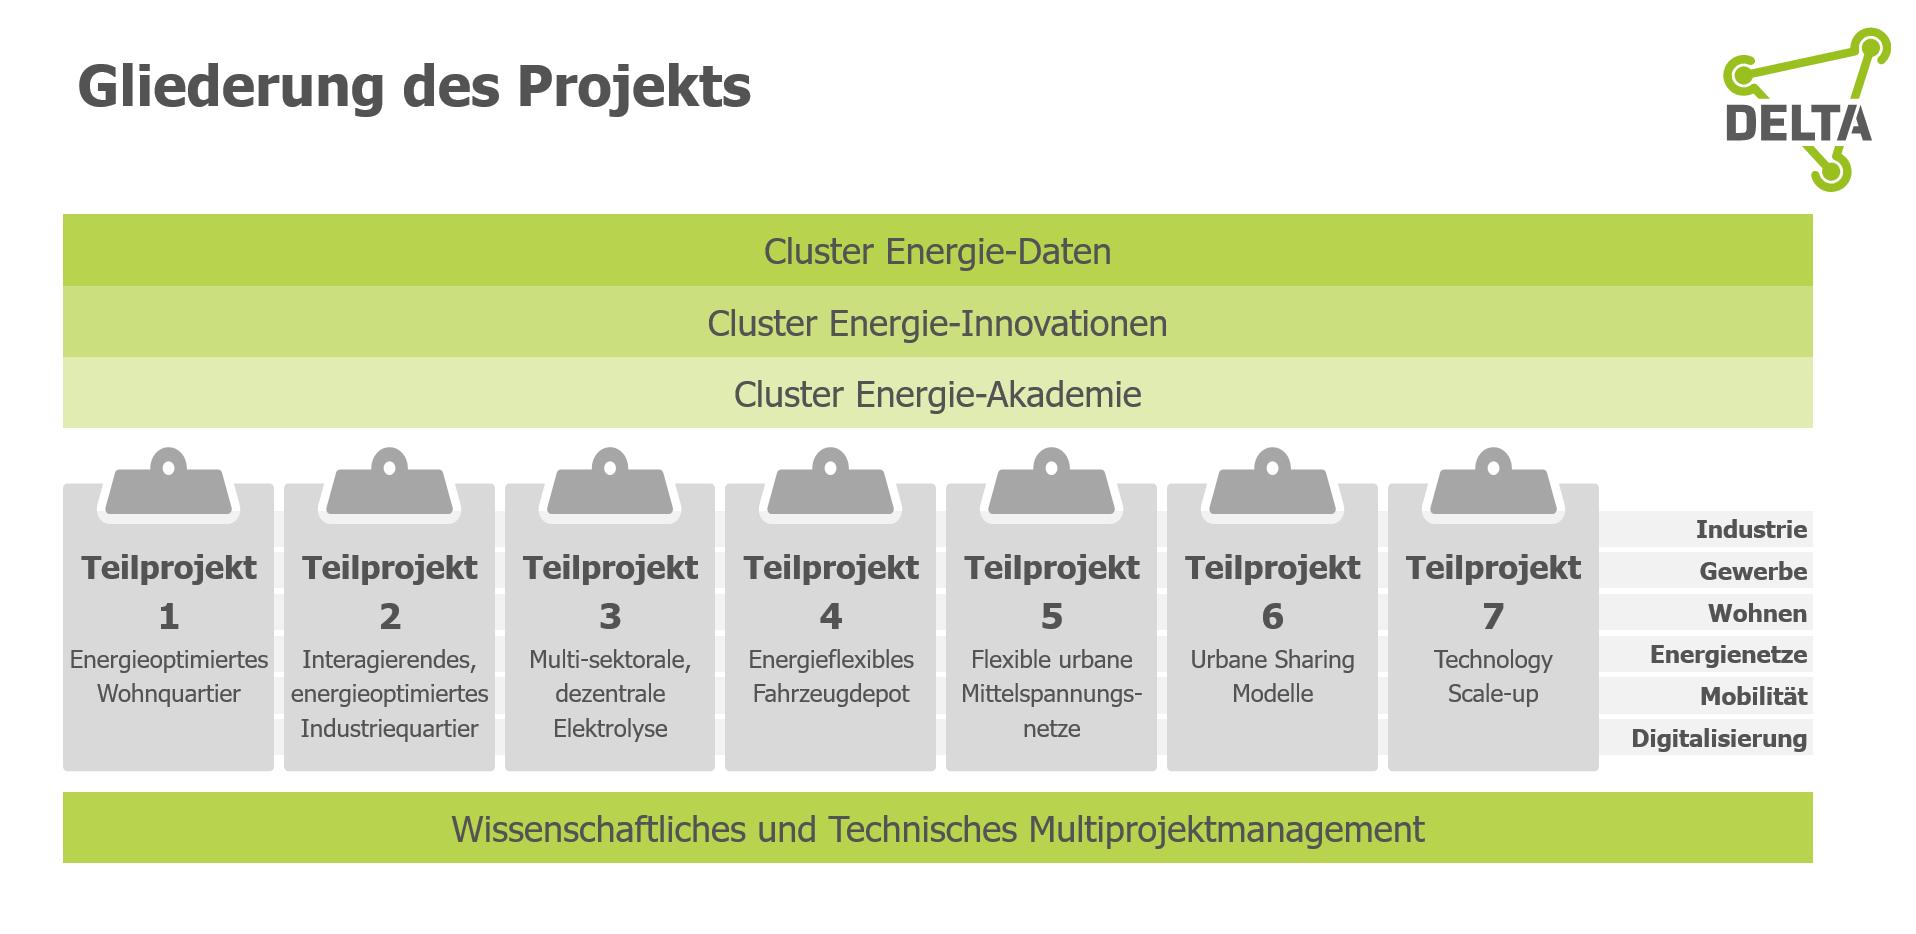 Gliederung des Reallabors der Energiewende DELTA